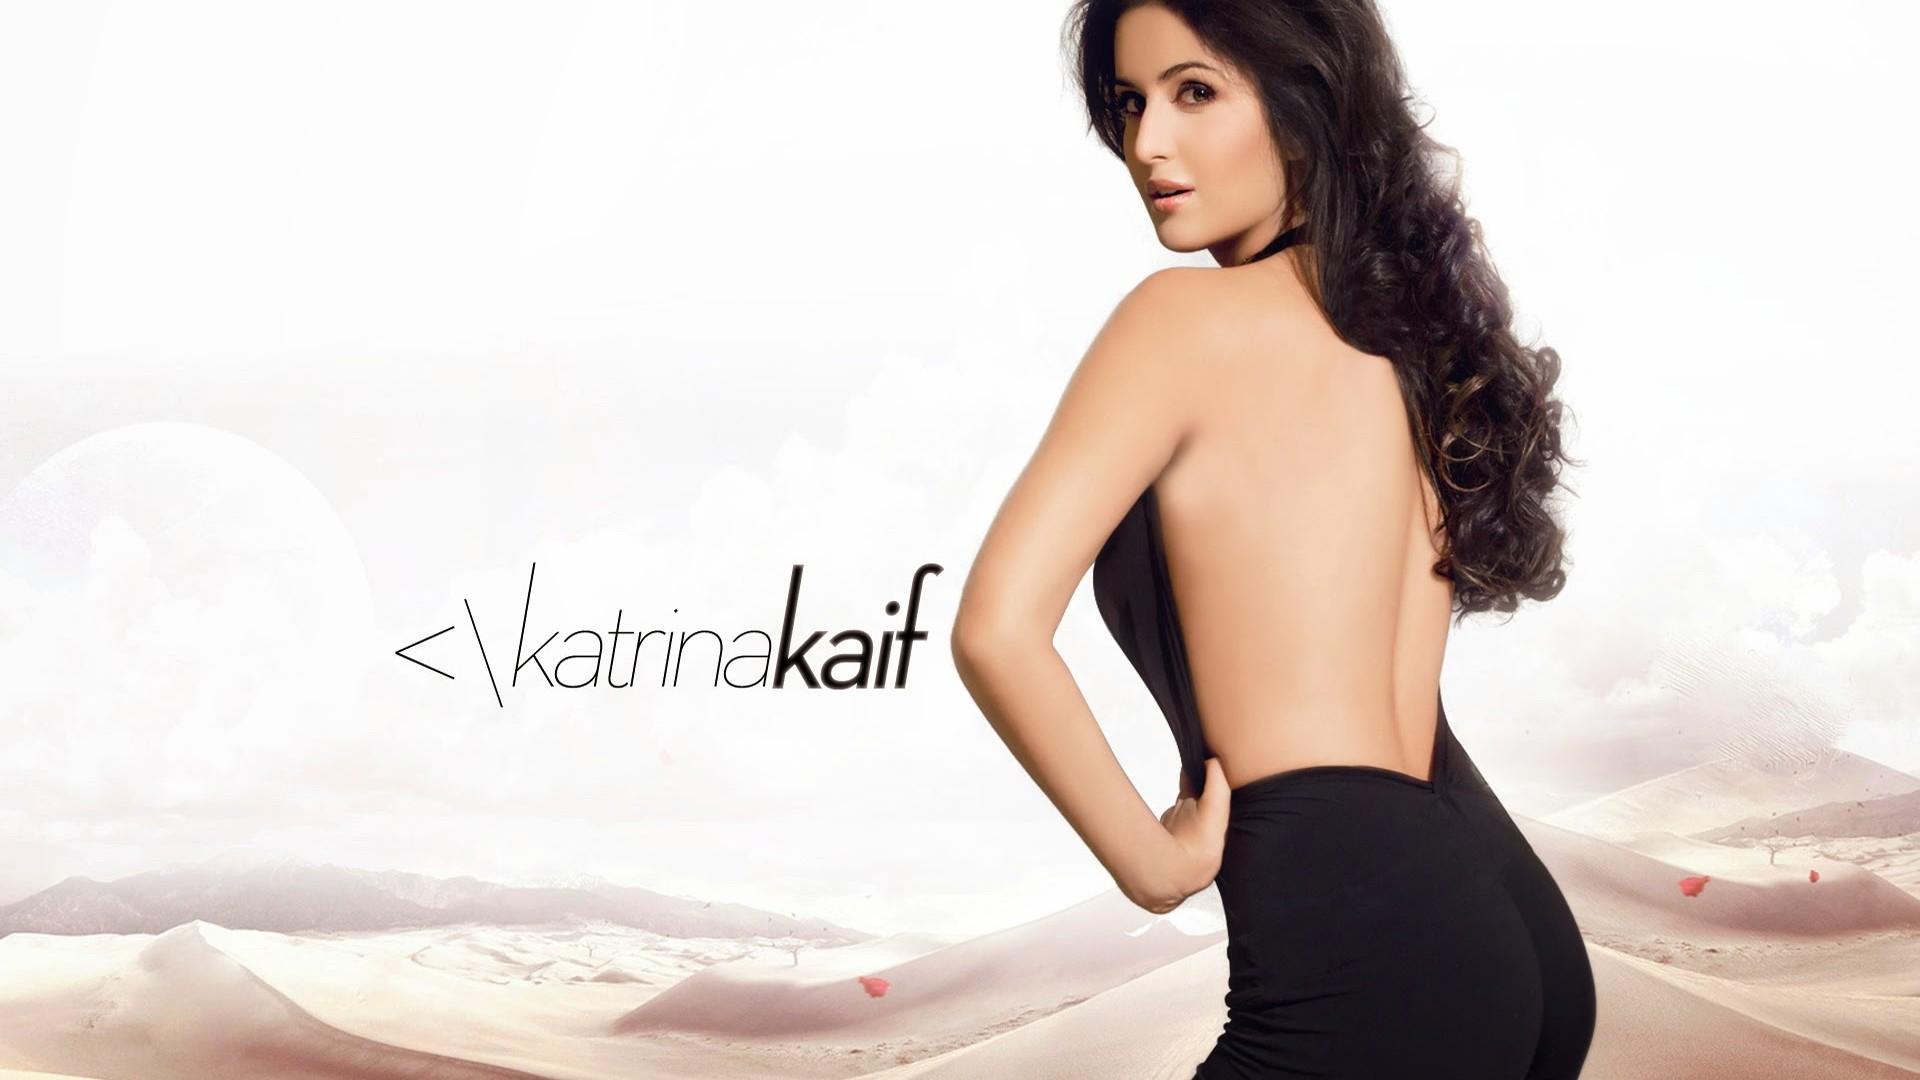 Pretty katrina kaif desi celeb